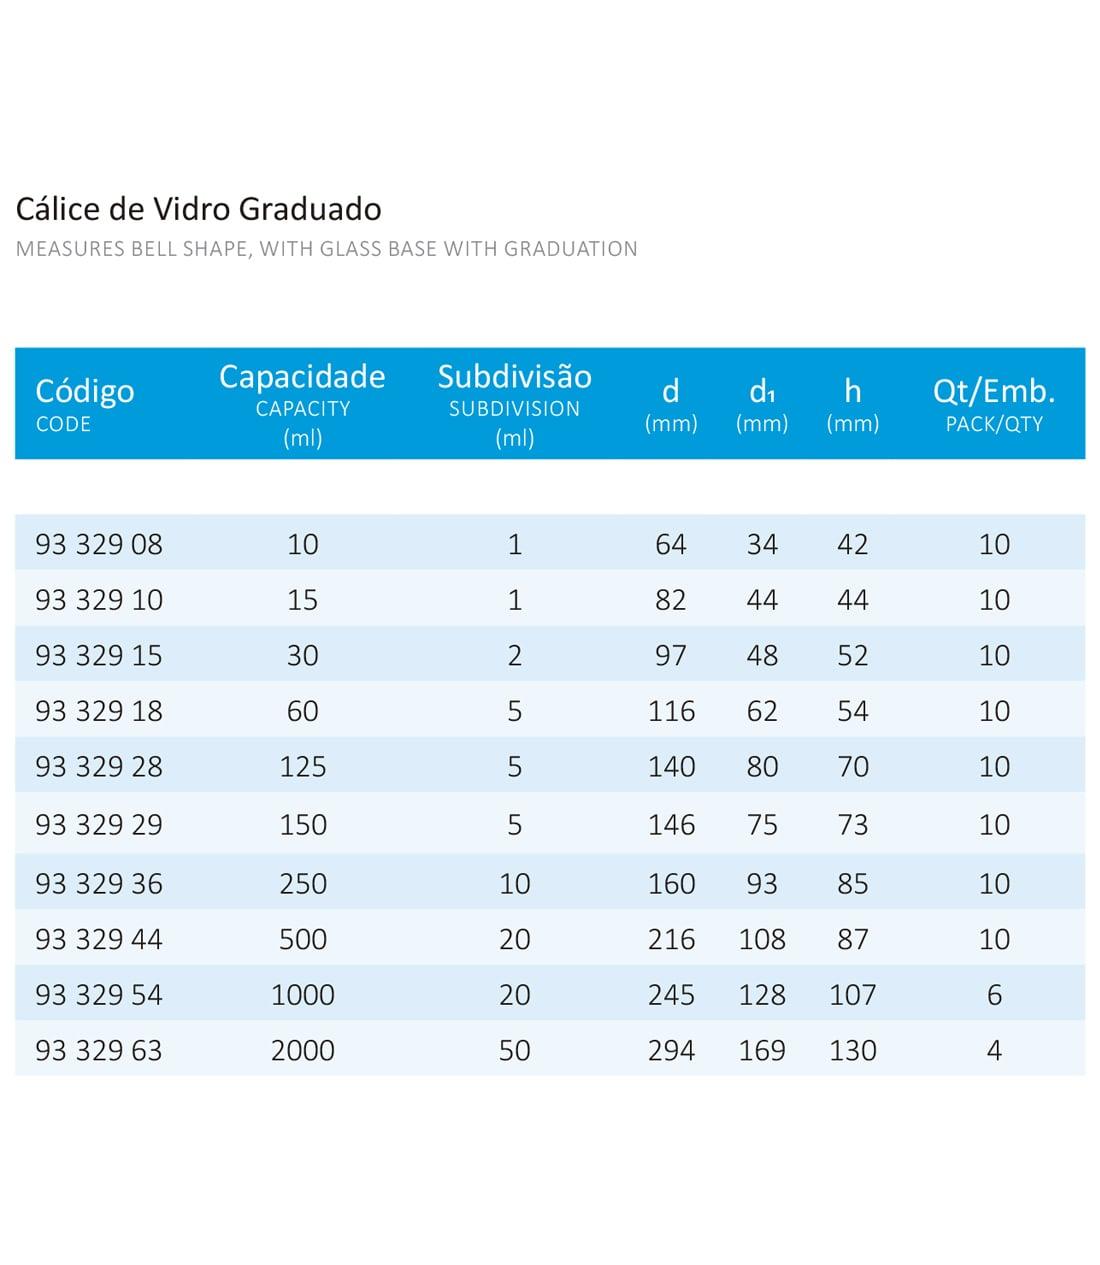 CALICE DE VIDRO GRADUADO 1000 ML 20/1 - Laborglas - Cód. 9332954